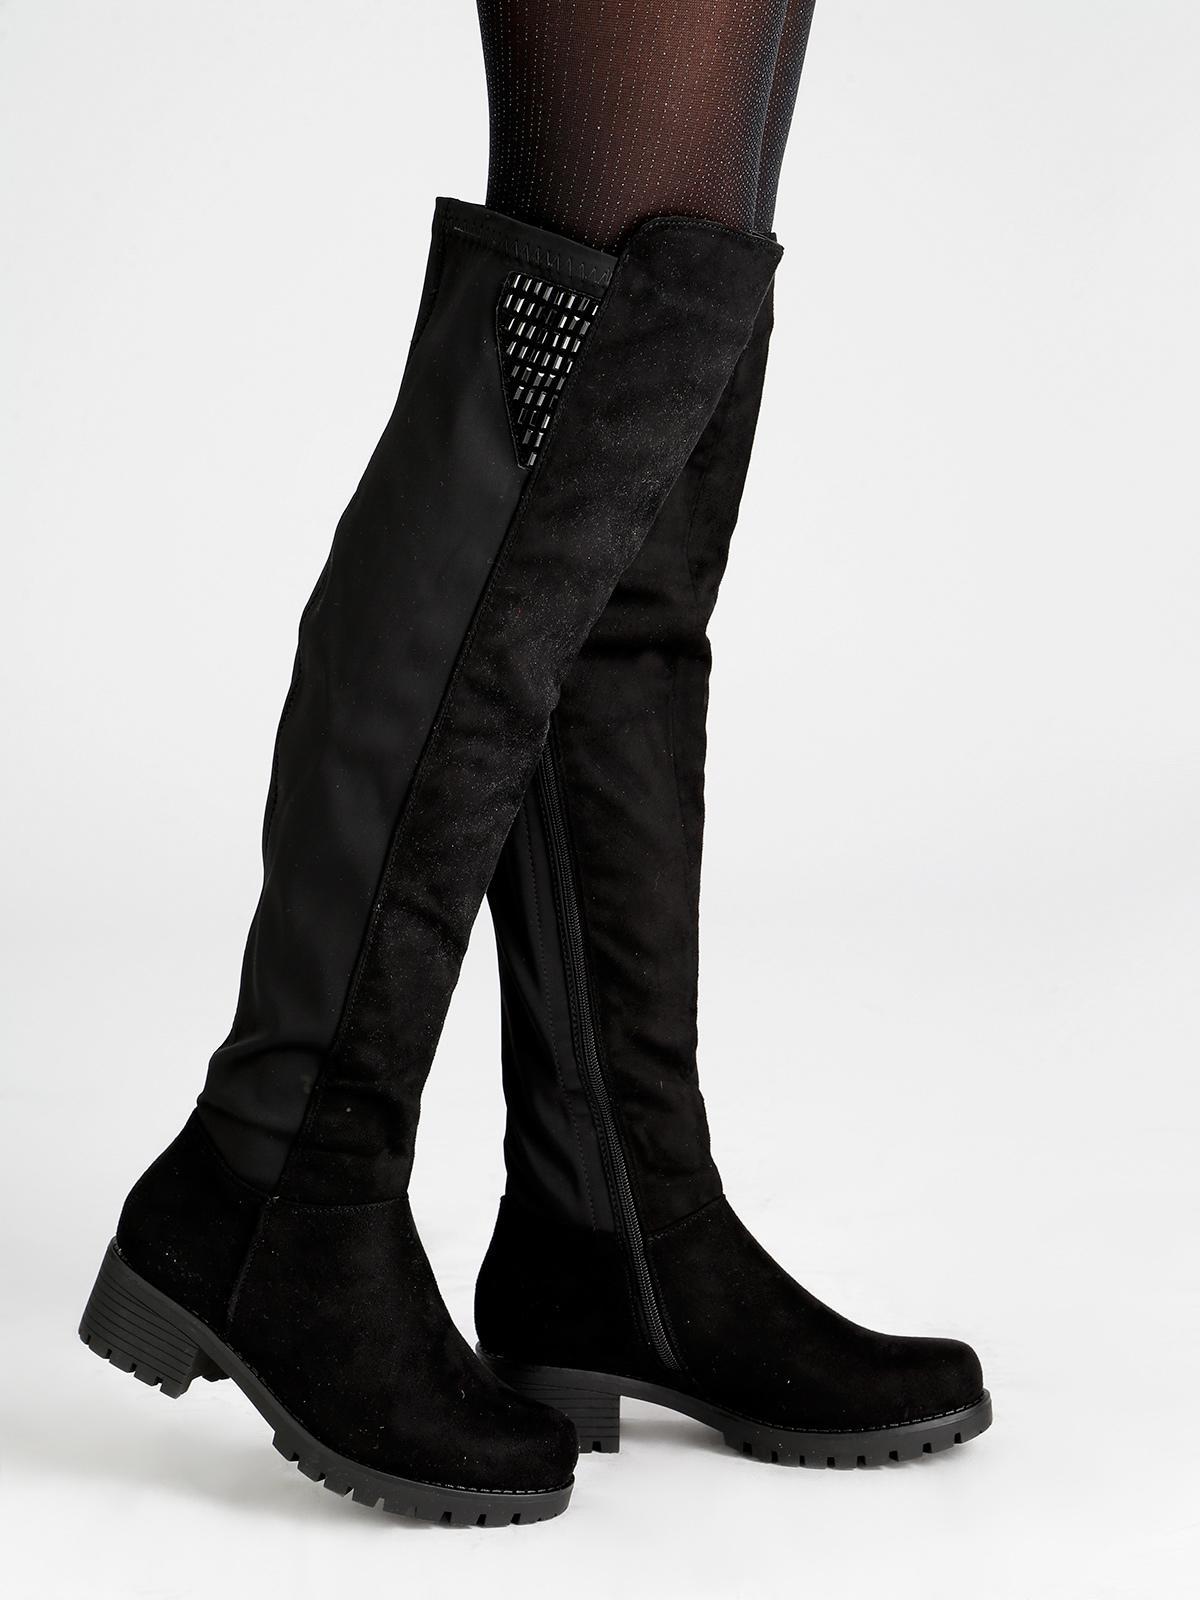 rivenditore di vendita fcf8f b722e Stivali alti con borchie janessa | MecShopping